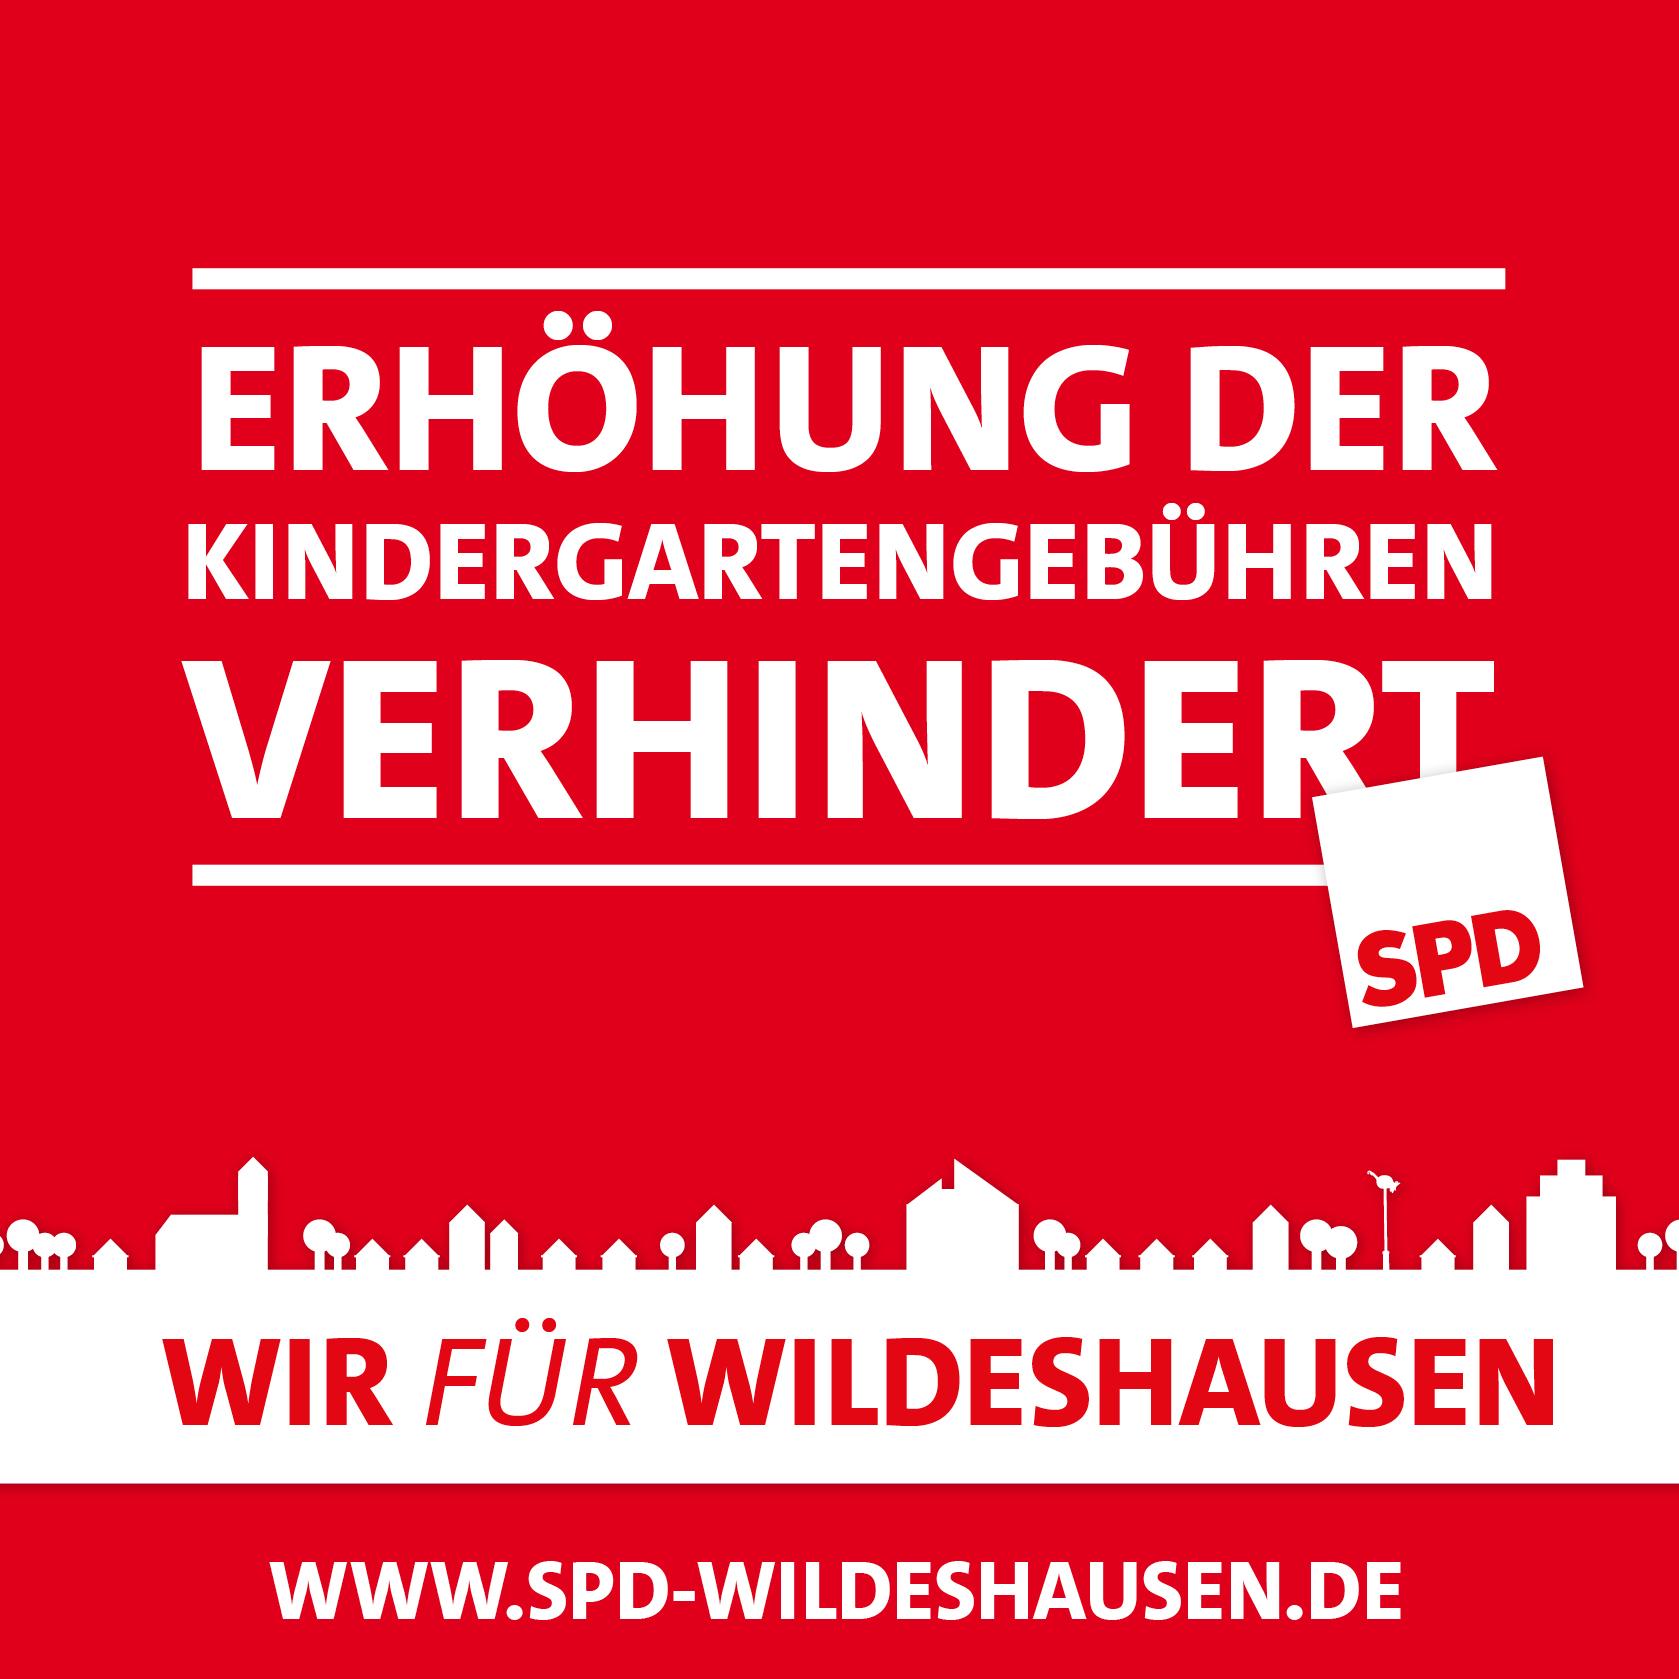 SPD gegen Erhöhung der Kindergartengebühren